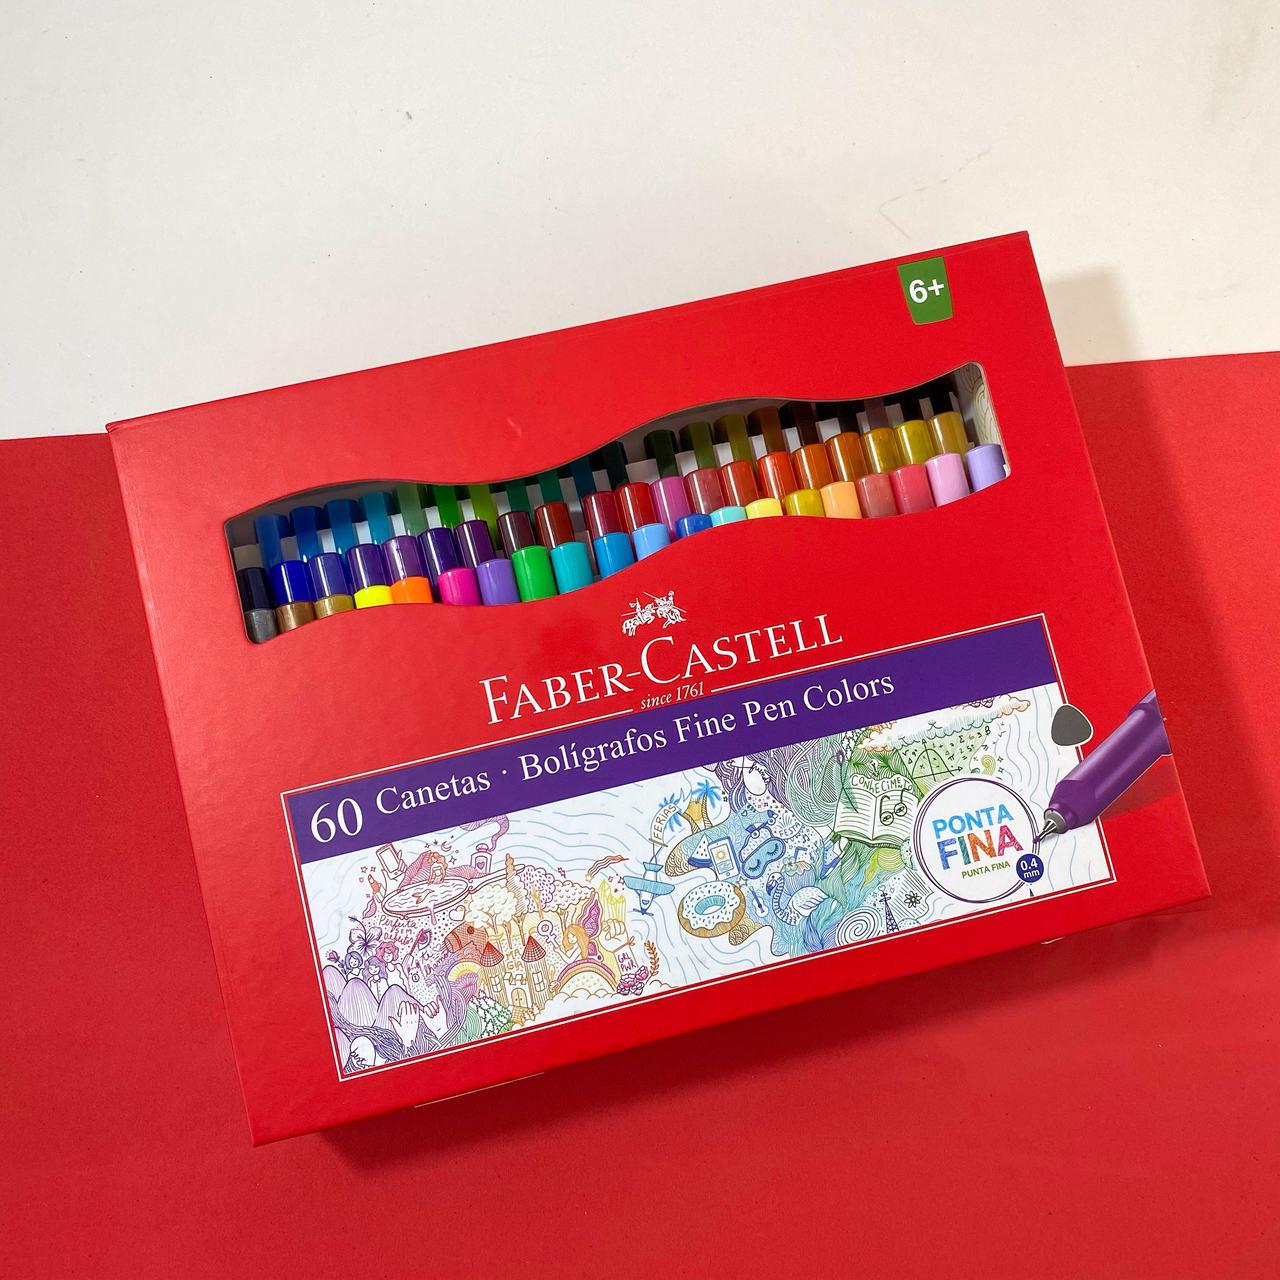 Caneta Fine Pen Colors Com 60 Unidades - Faber Castell